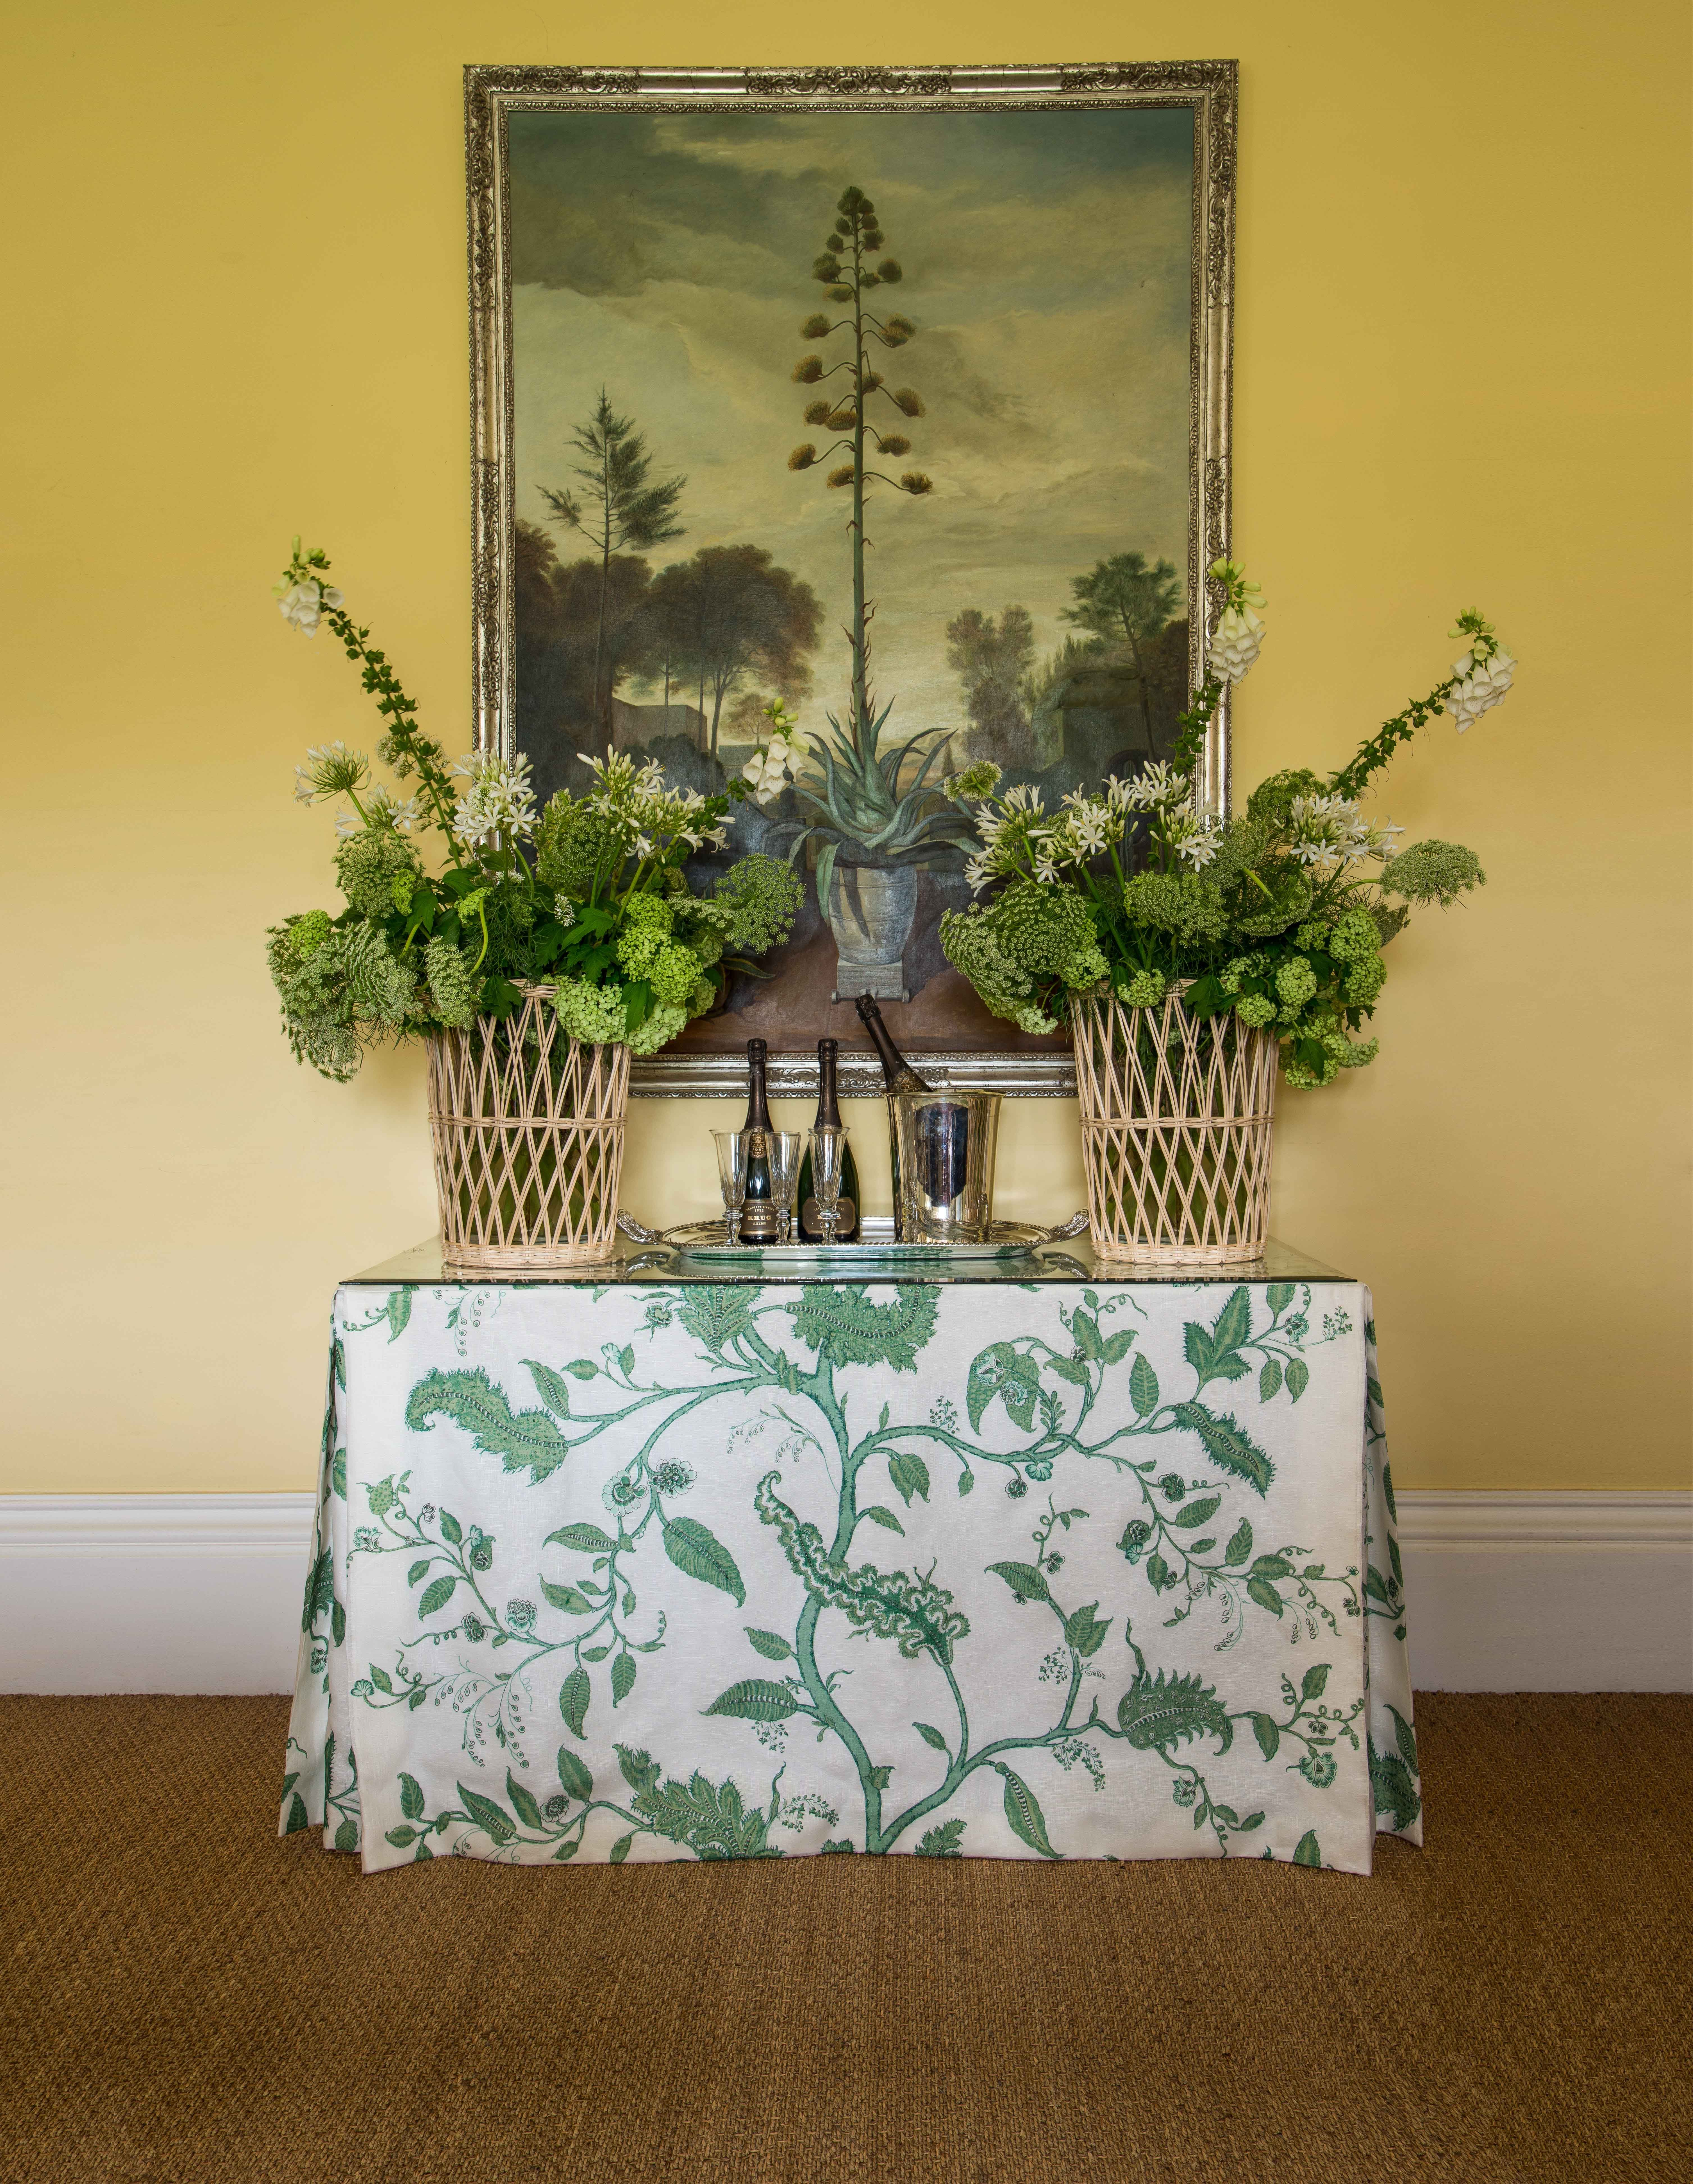 Foyer Wallpaper Nz : The hurlingham rattan vase and fabric in tendril vine